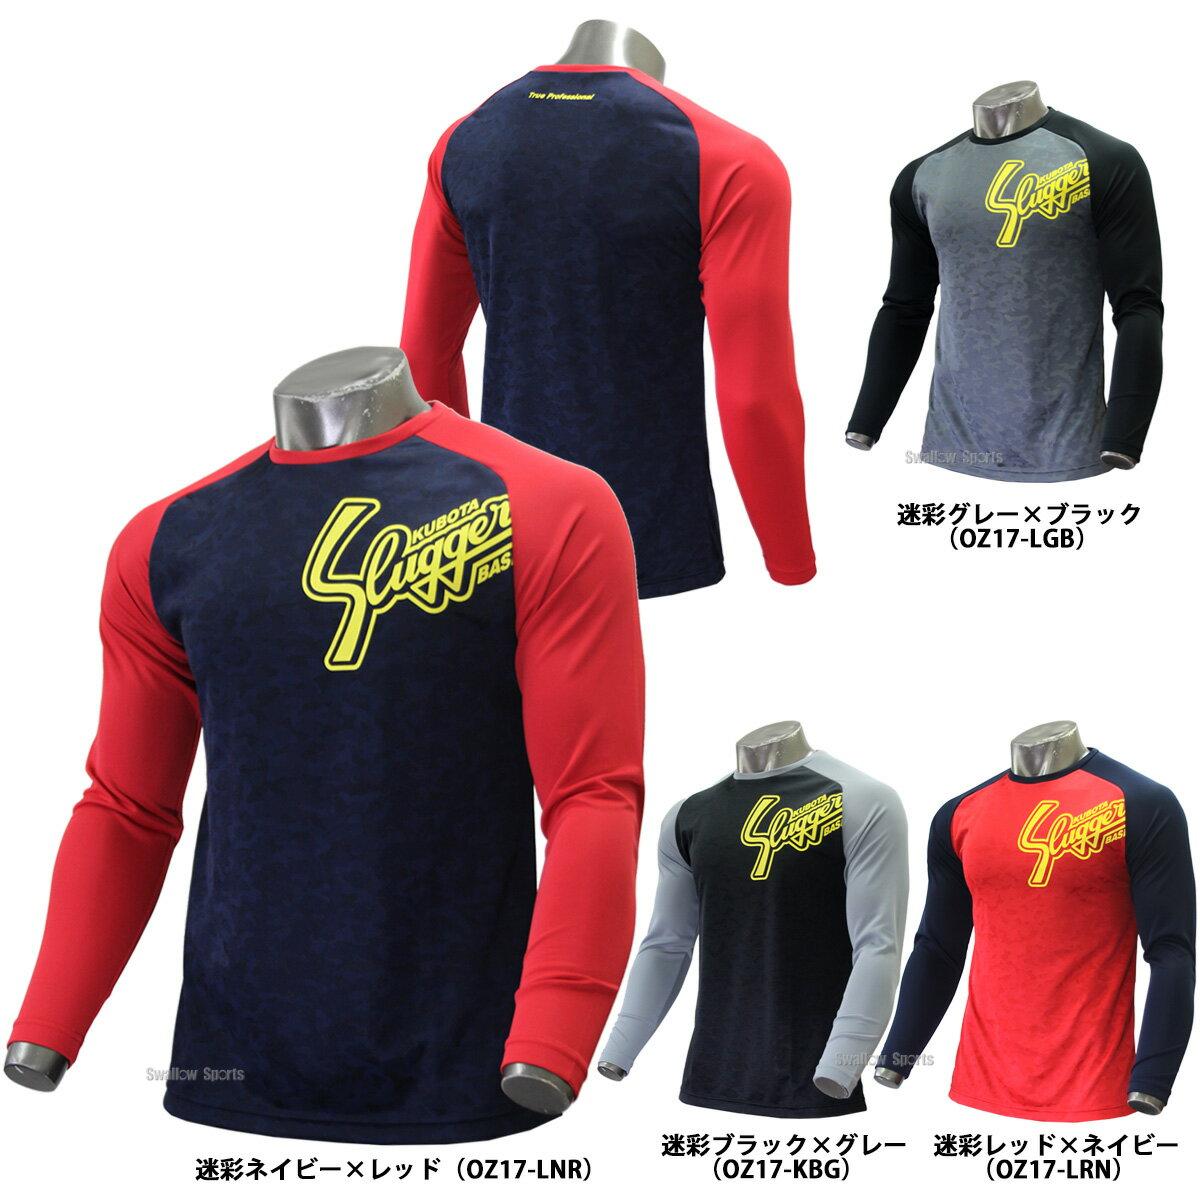 【あす楽対応】 久保田スラッガー 限定 ロングスリーブ Tシャツ 大人用 OZ17-L